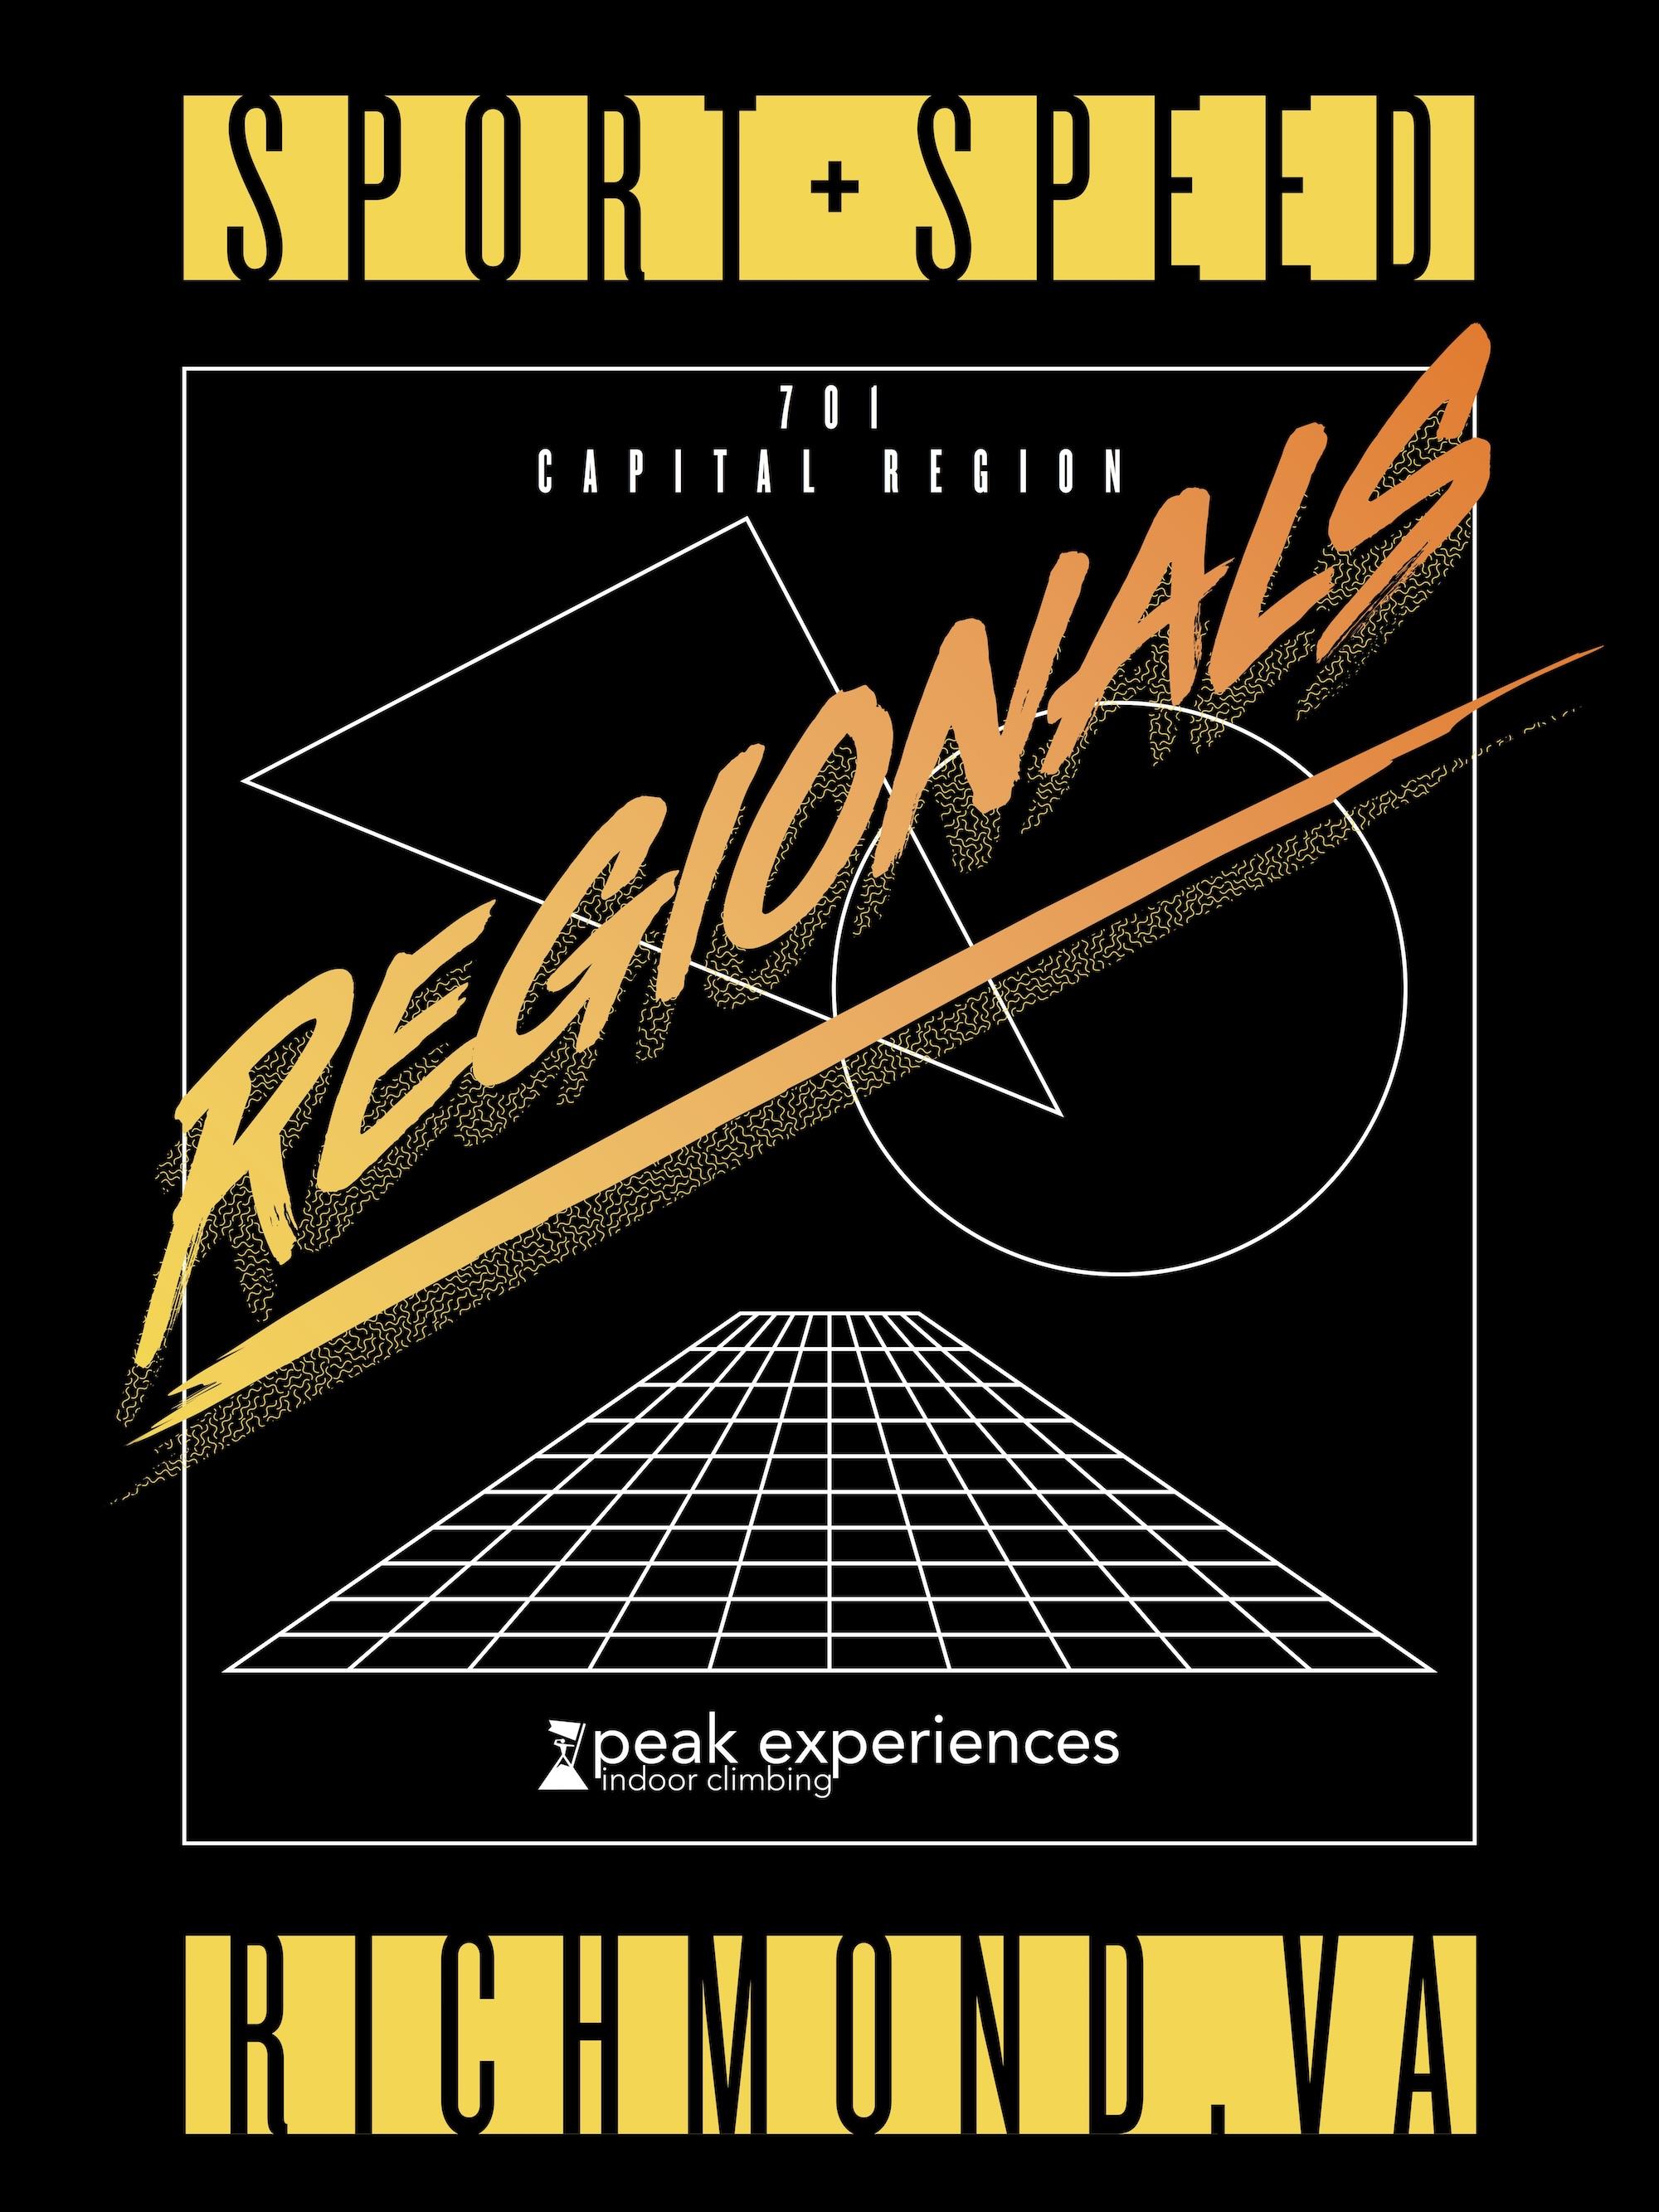 Regionals-Poster.jpg